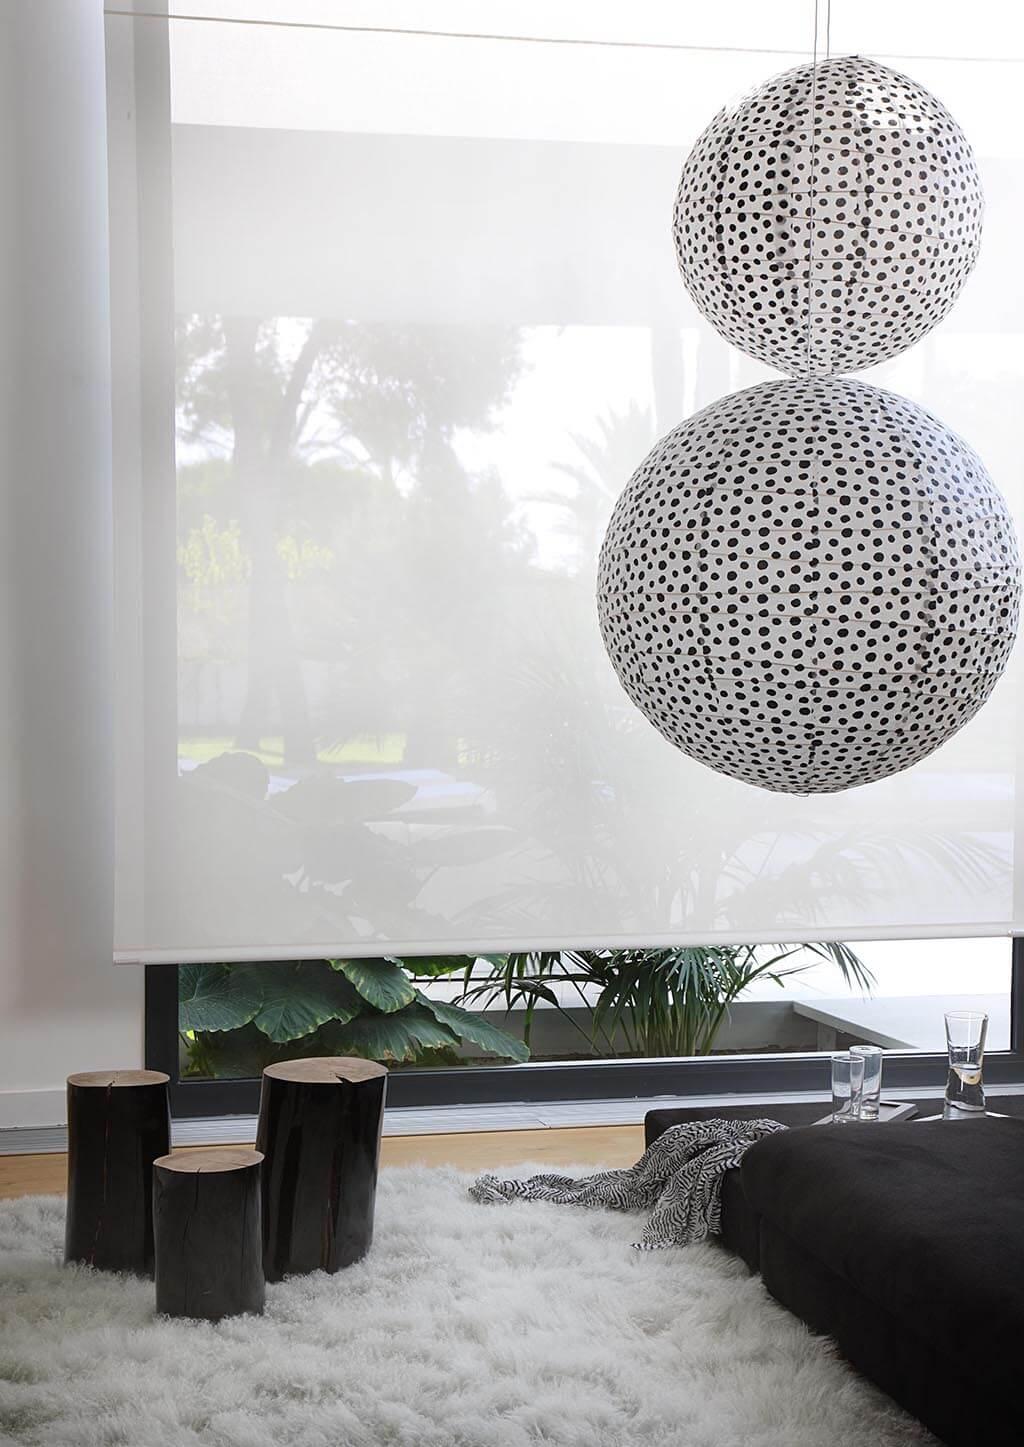 Großflächiges Rollo zu Klarem Schwarz-Weiß Design